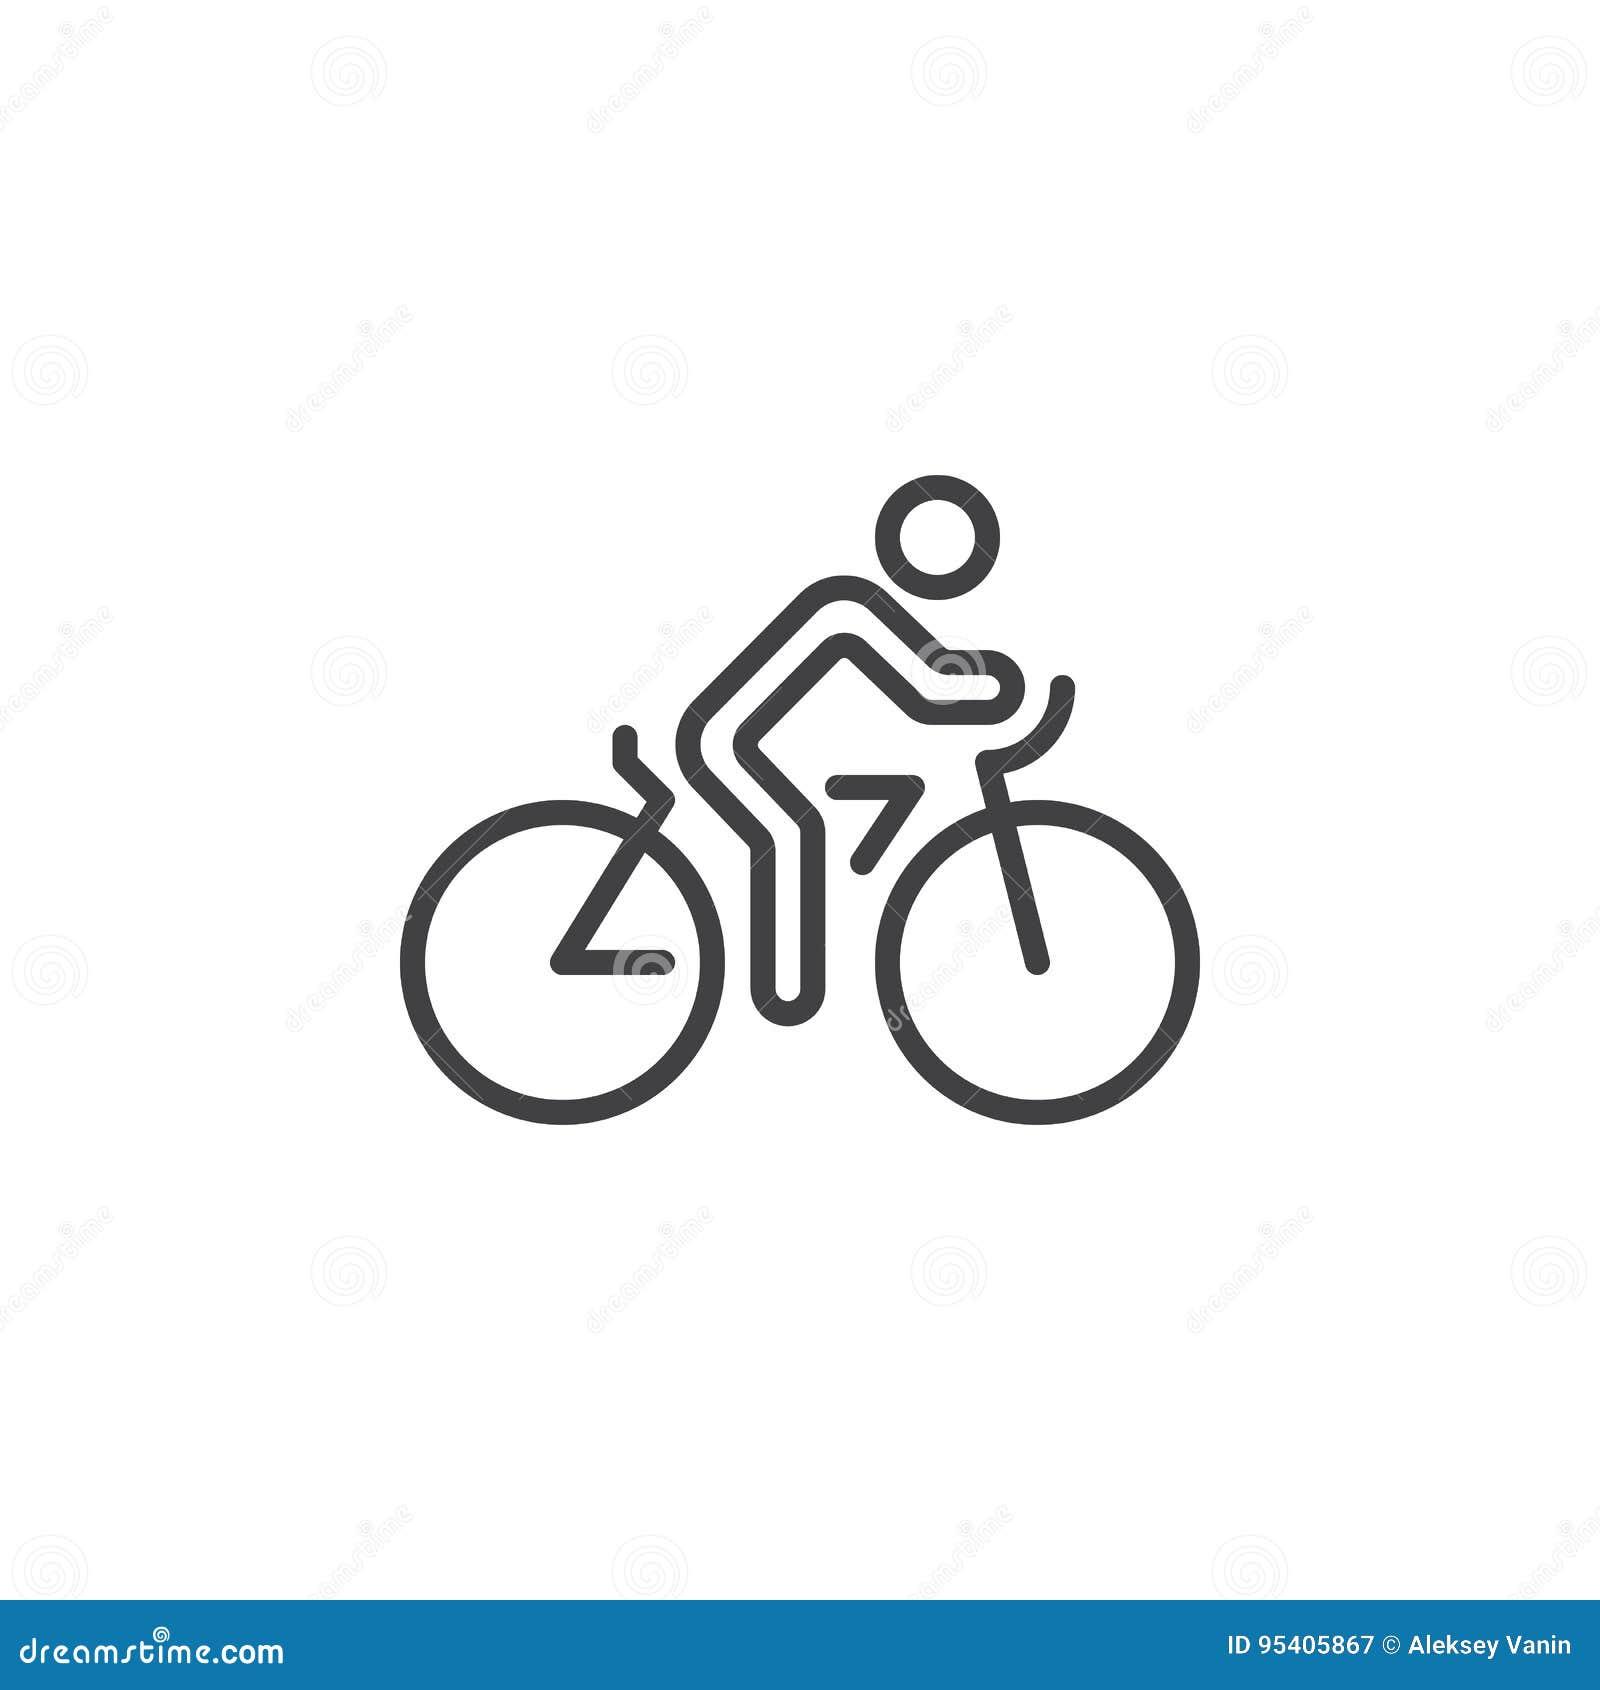 Línea de ciclo icono, muestra del vector del esquema de la bicicleta, pictograma linear aislado en blanco